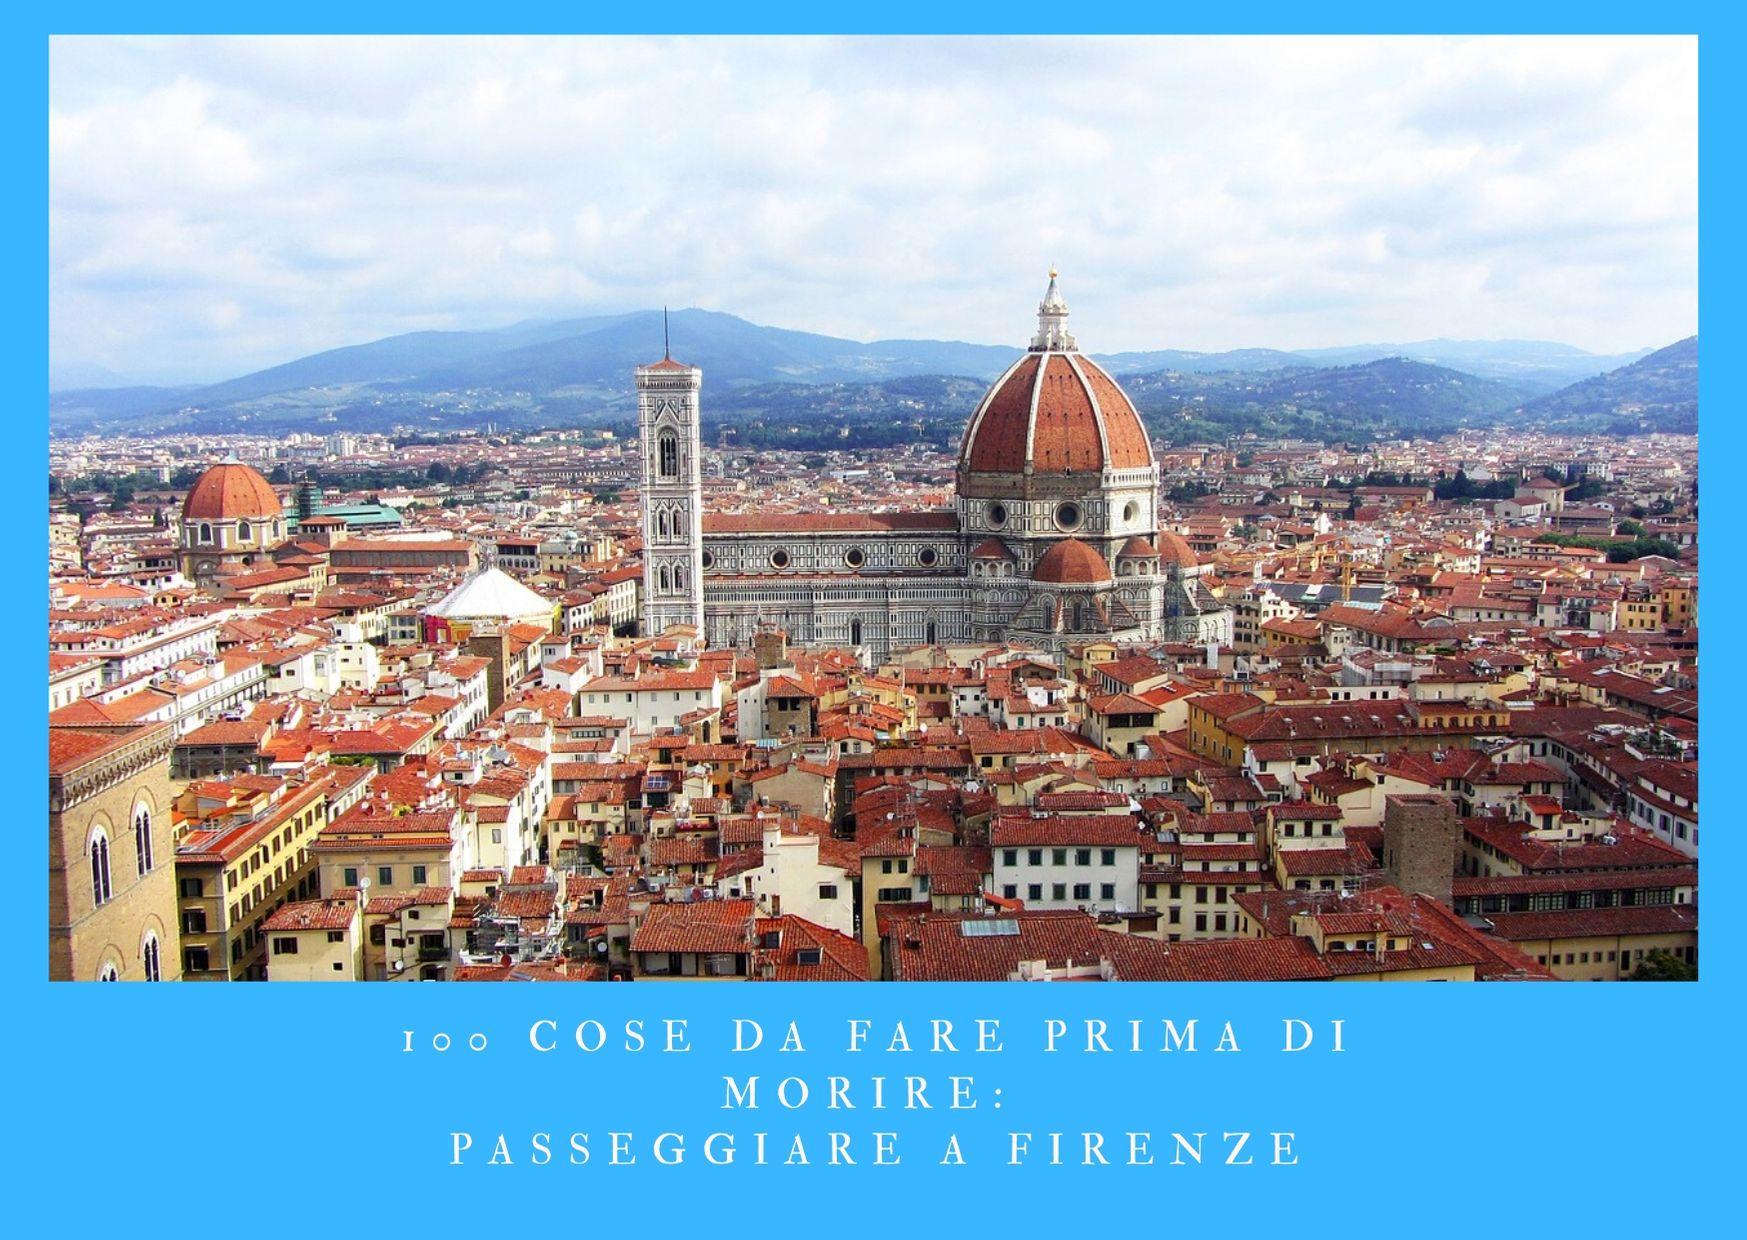 100 cose da fare prima di morire - passeggiare a Firenze